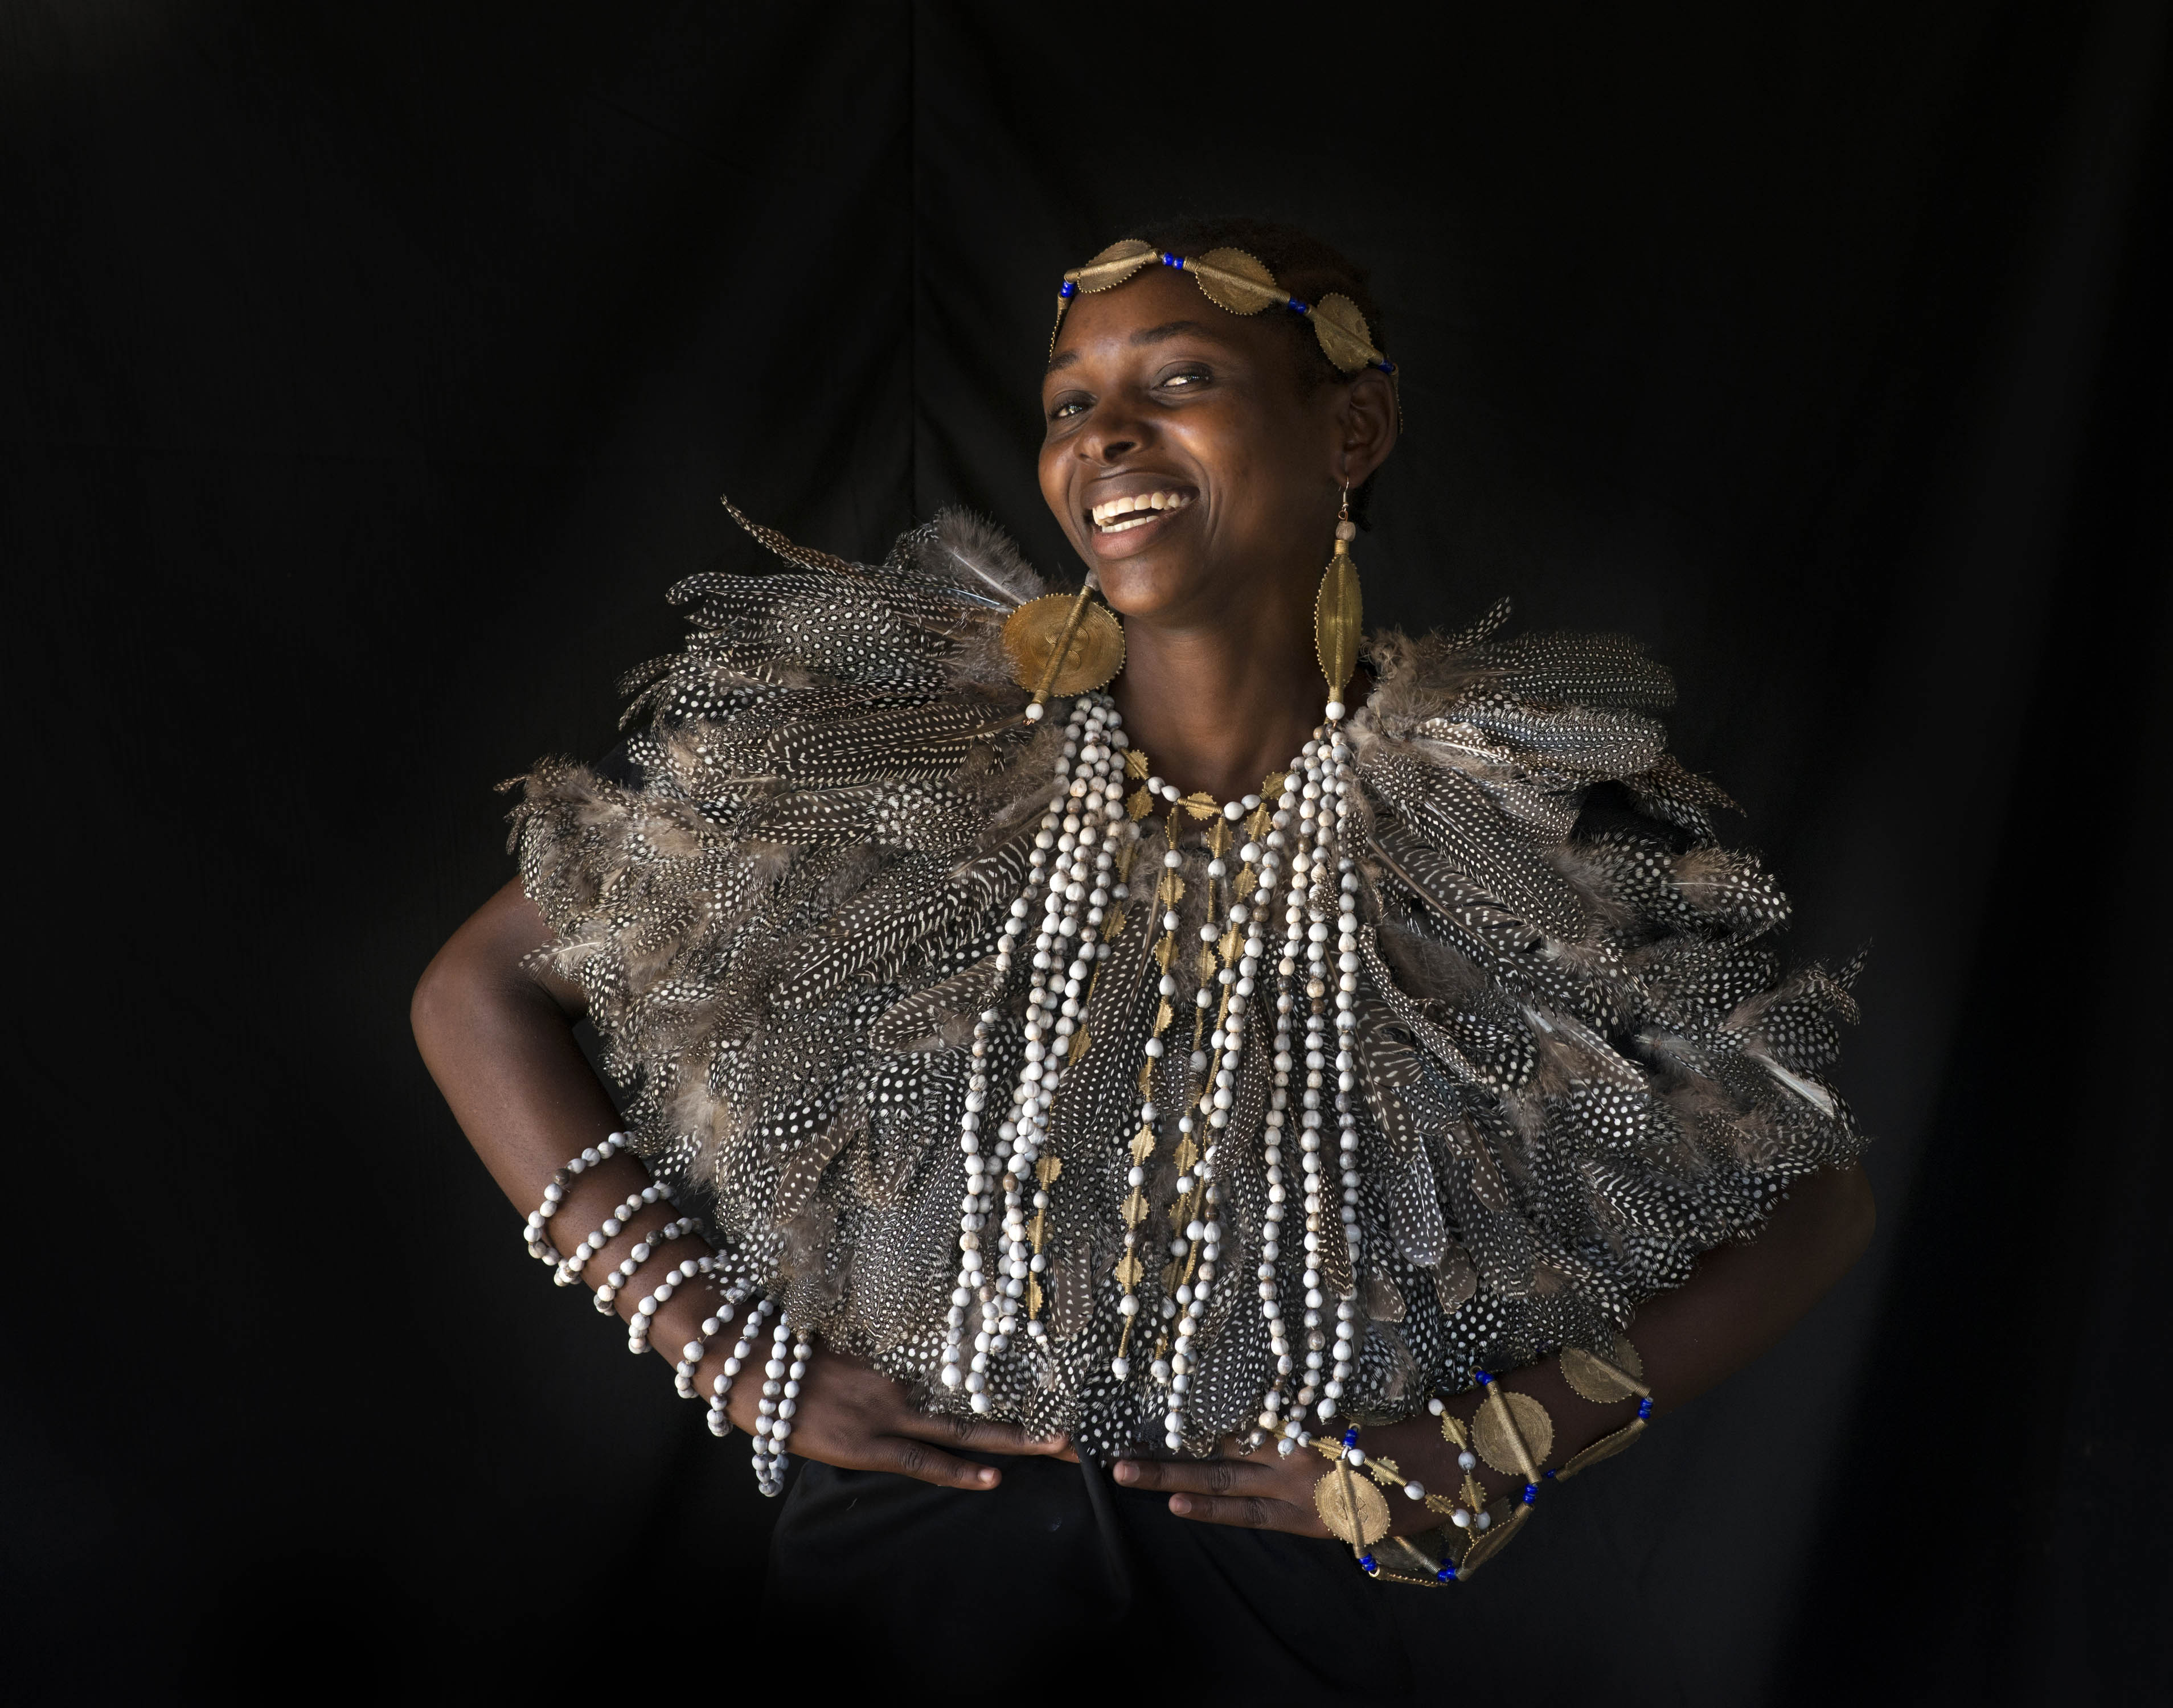 katundu fashion woman empowerment limba